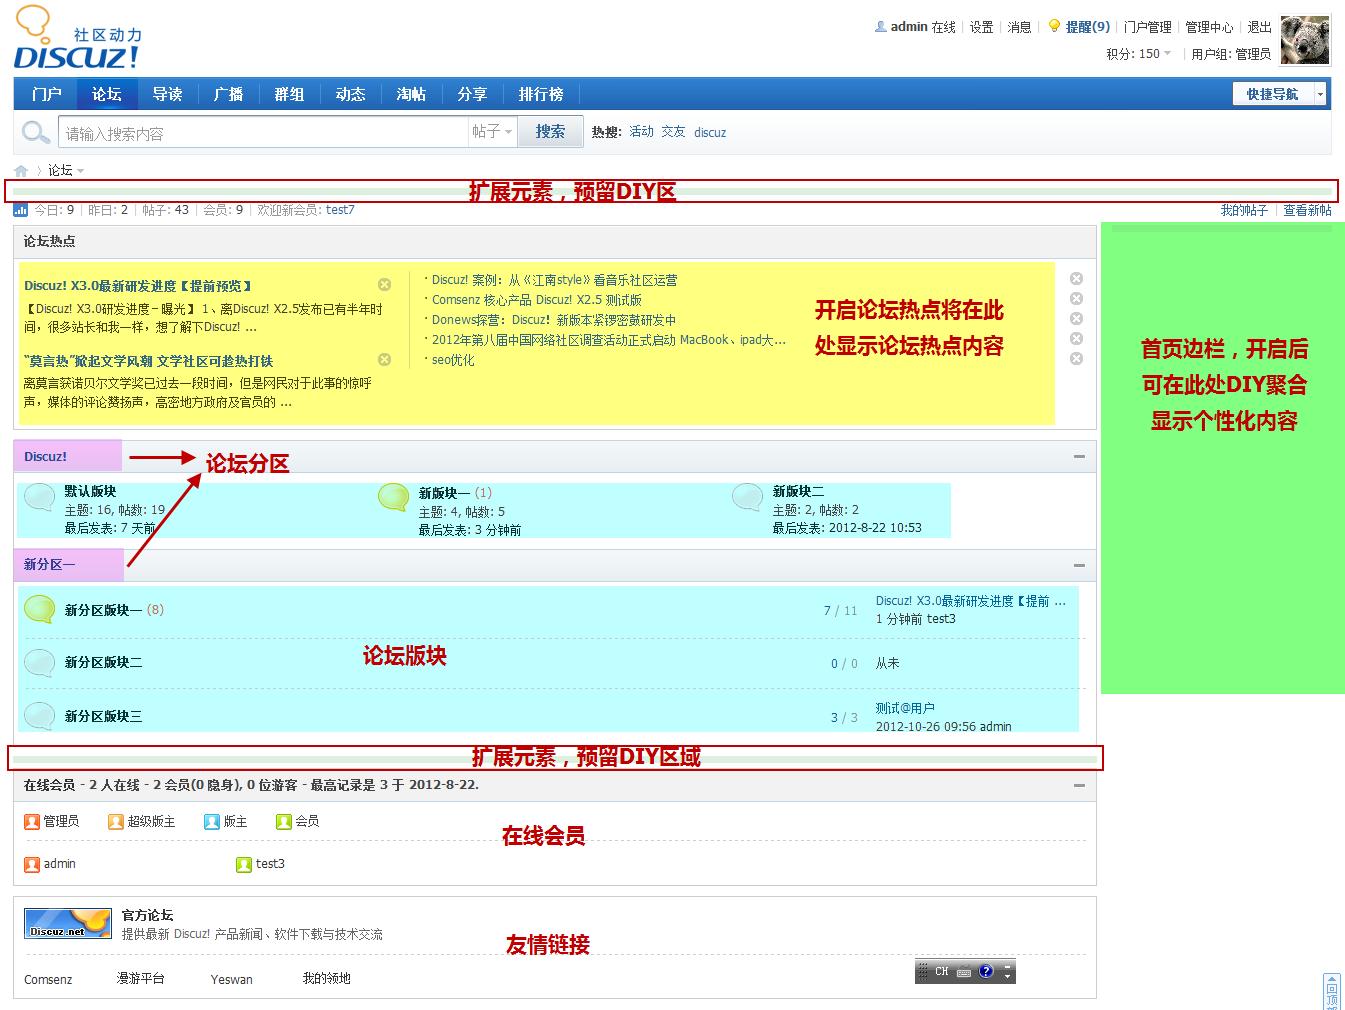 首页的论坛版块显示版块的名称,简介,图标来让用户了解该版块的定位